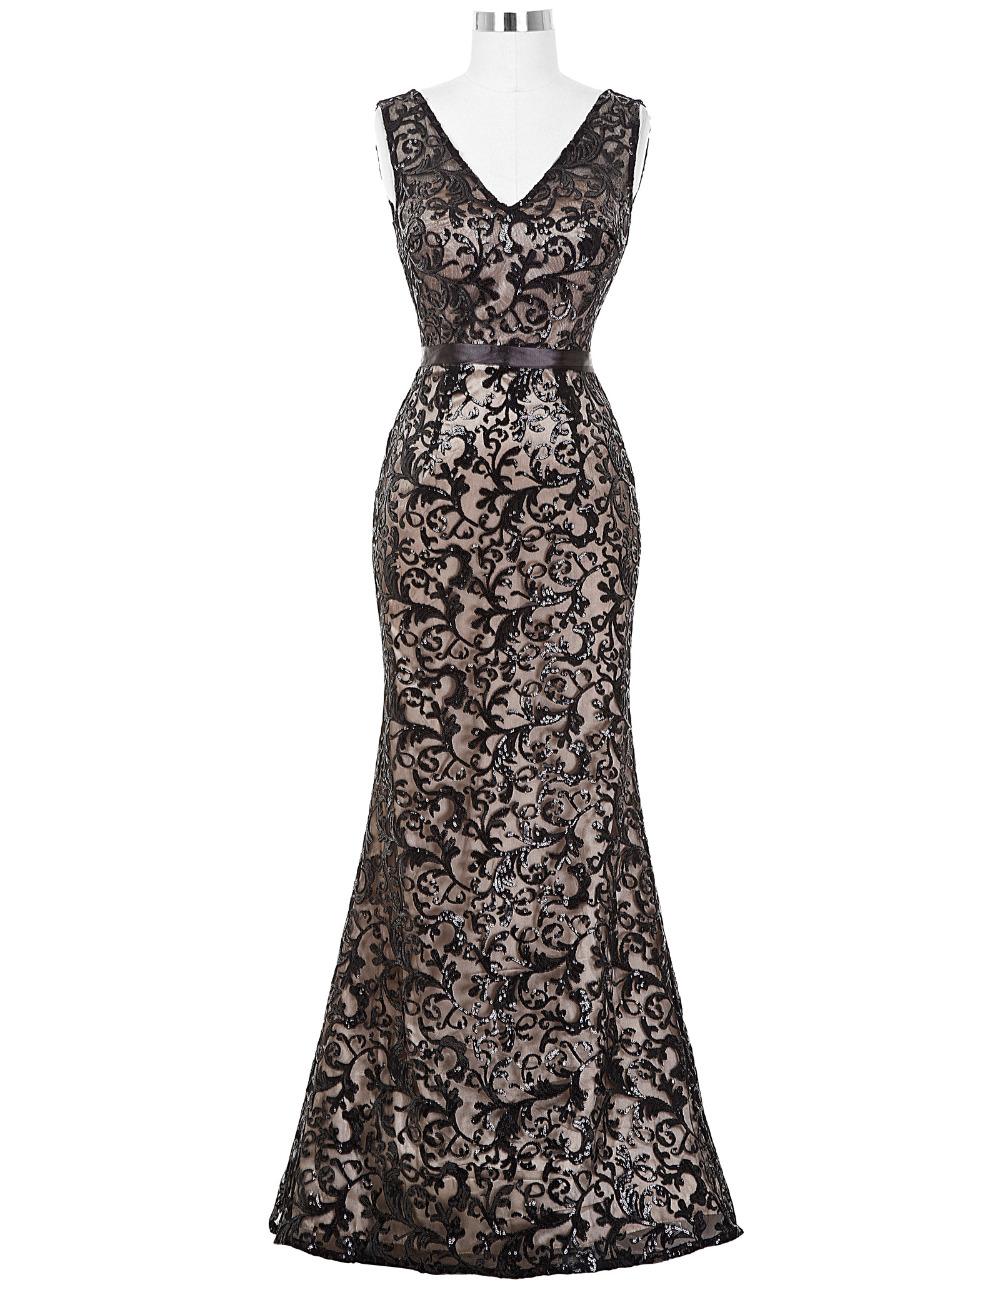 buy long evening dress 2016 new arrival formal dresses sexy v neck sequin black. Black Bedroom Furniture Sets. Home Design Ideas